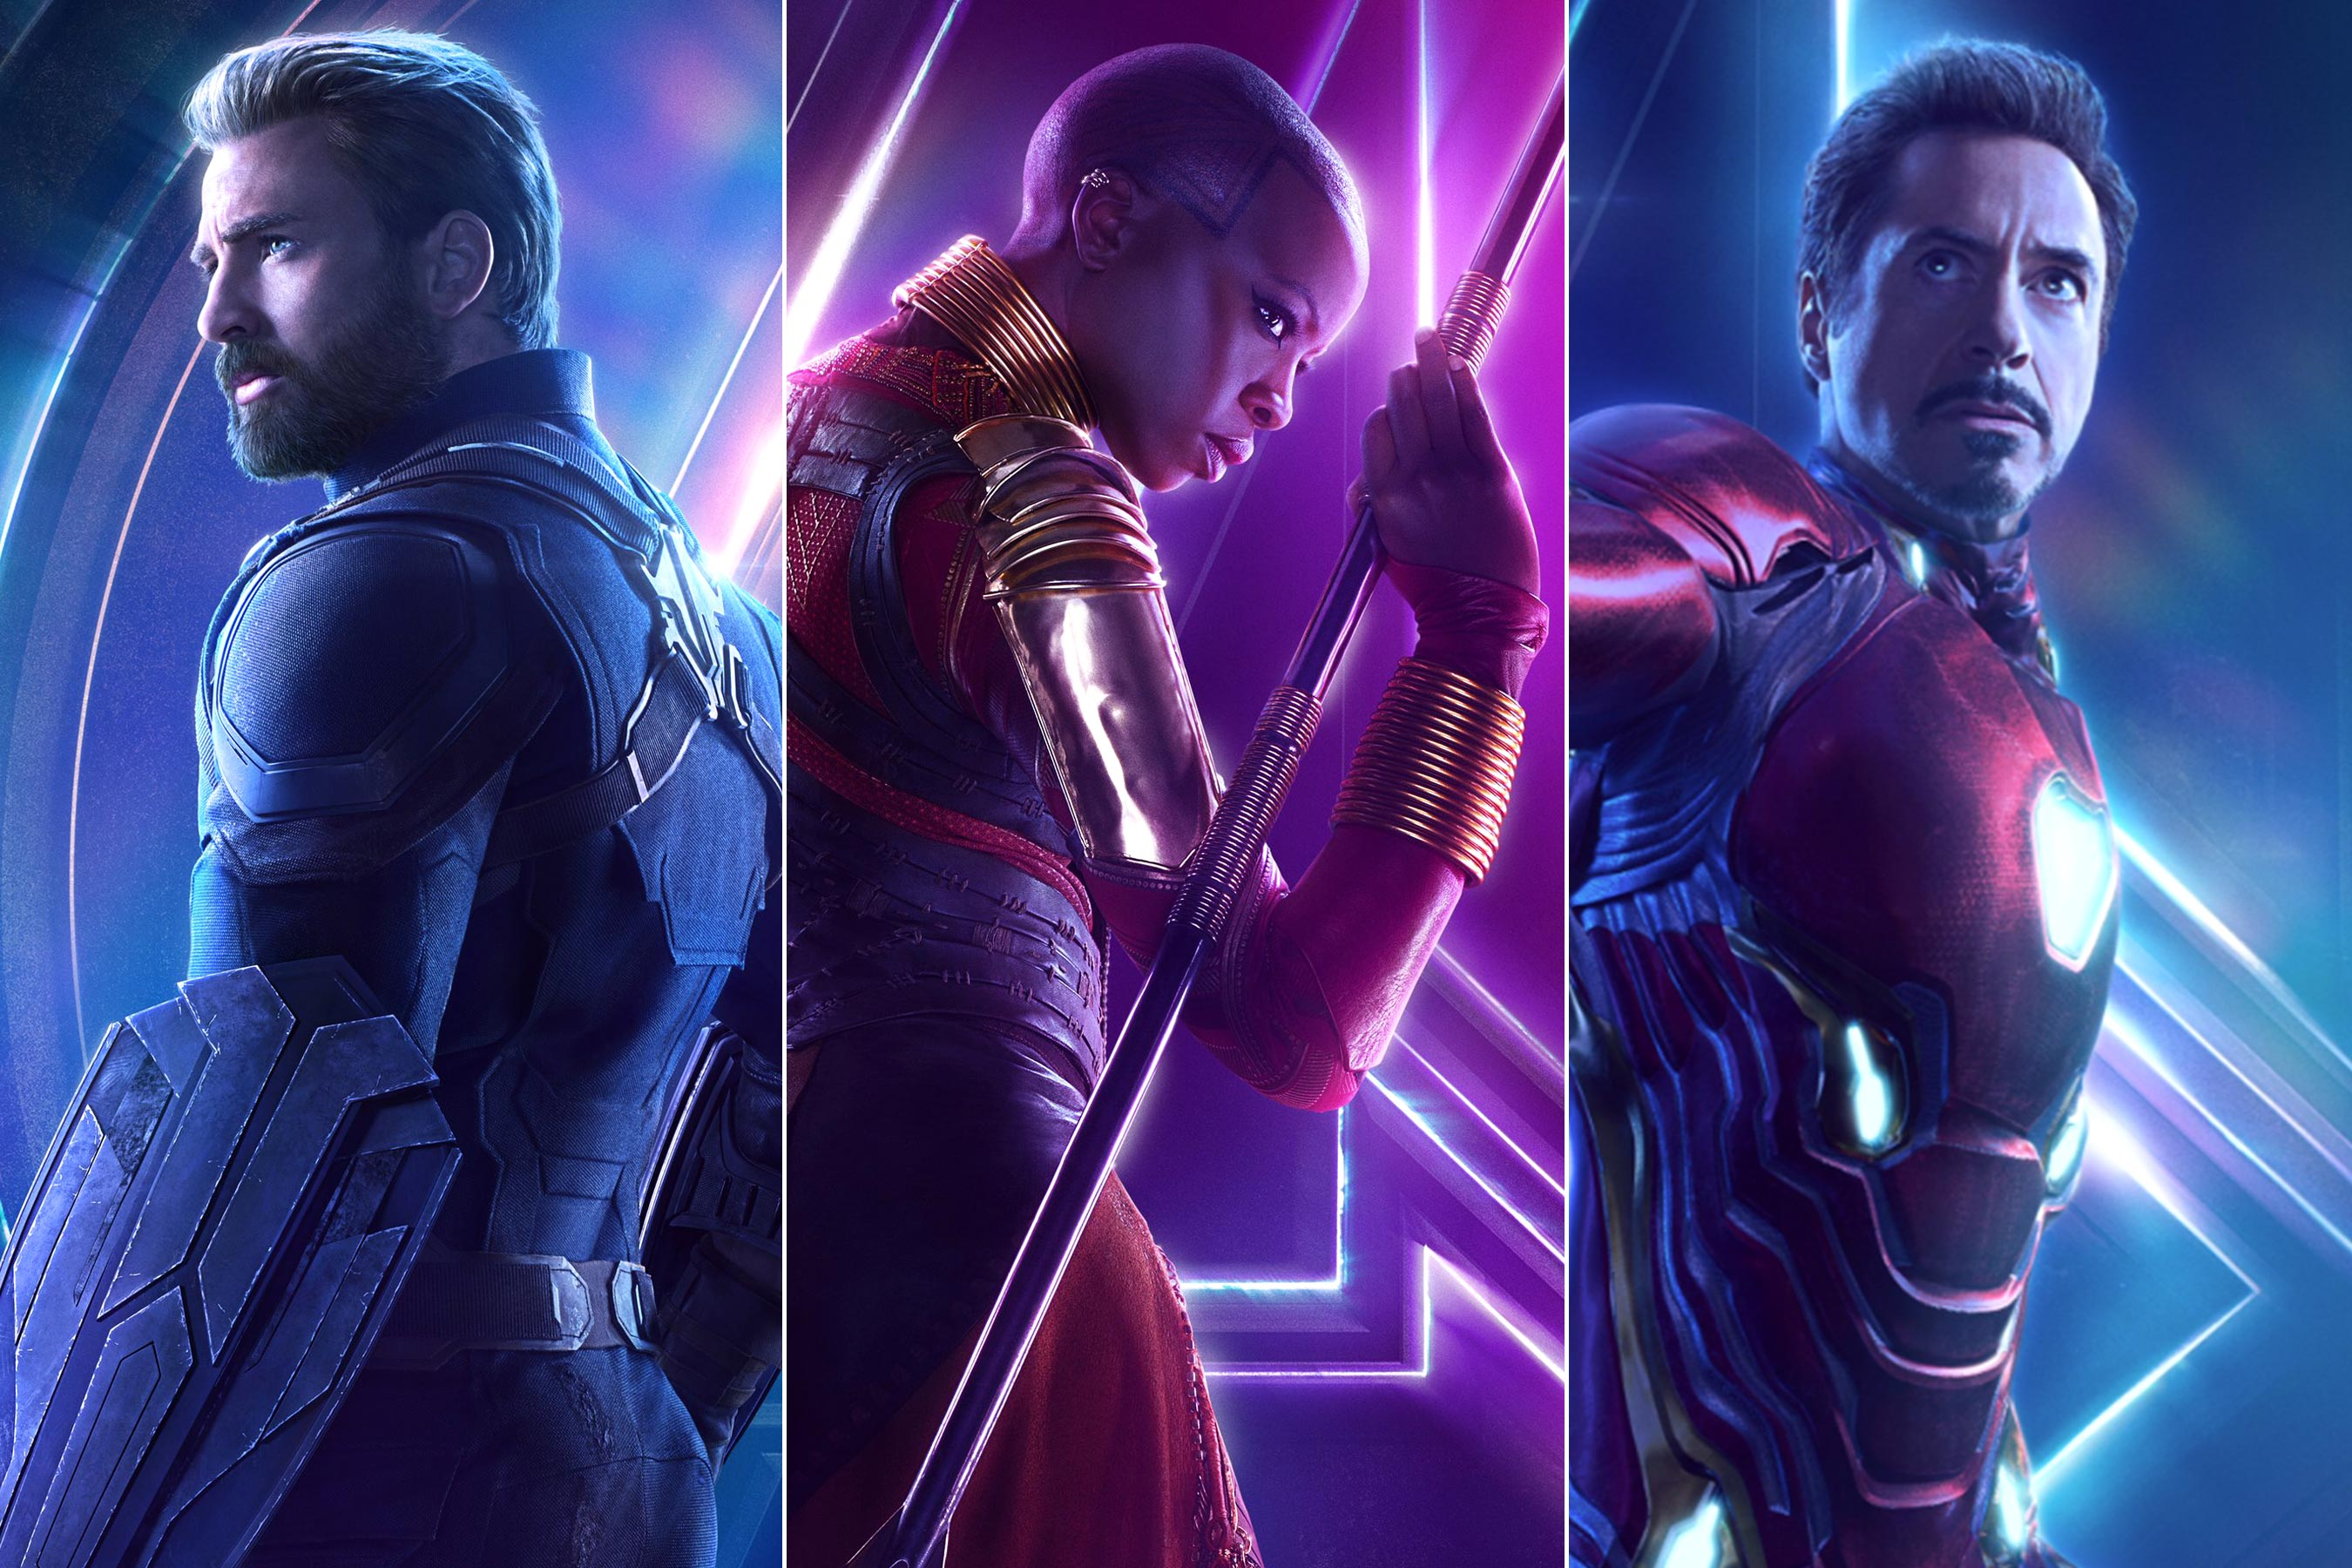 Dokážete vyjmenovat všechny důležité postavy,které se objevili ve filmu Avengers:Infinity War